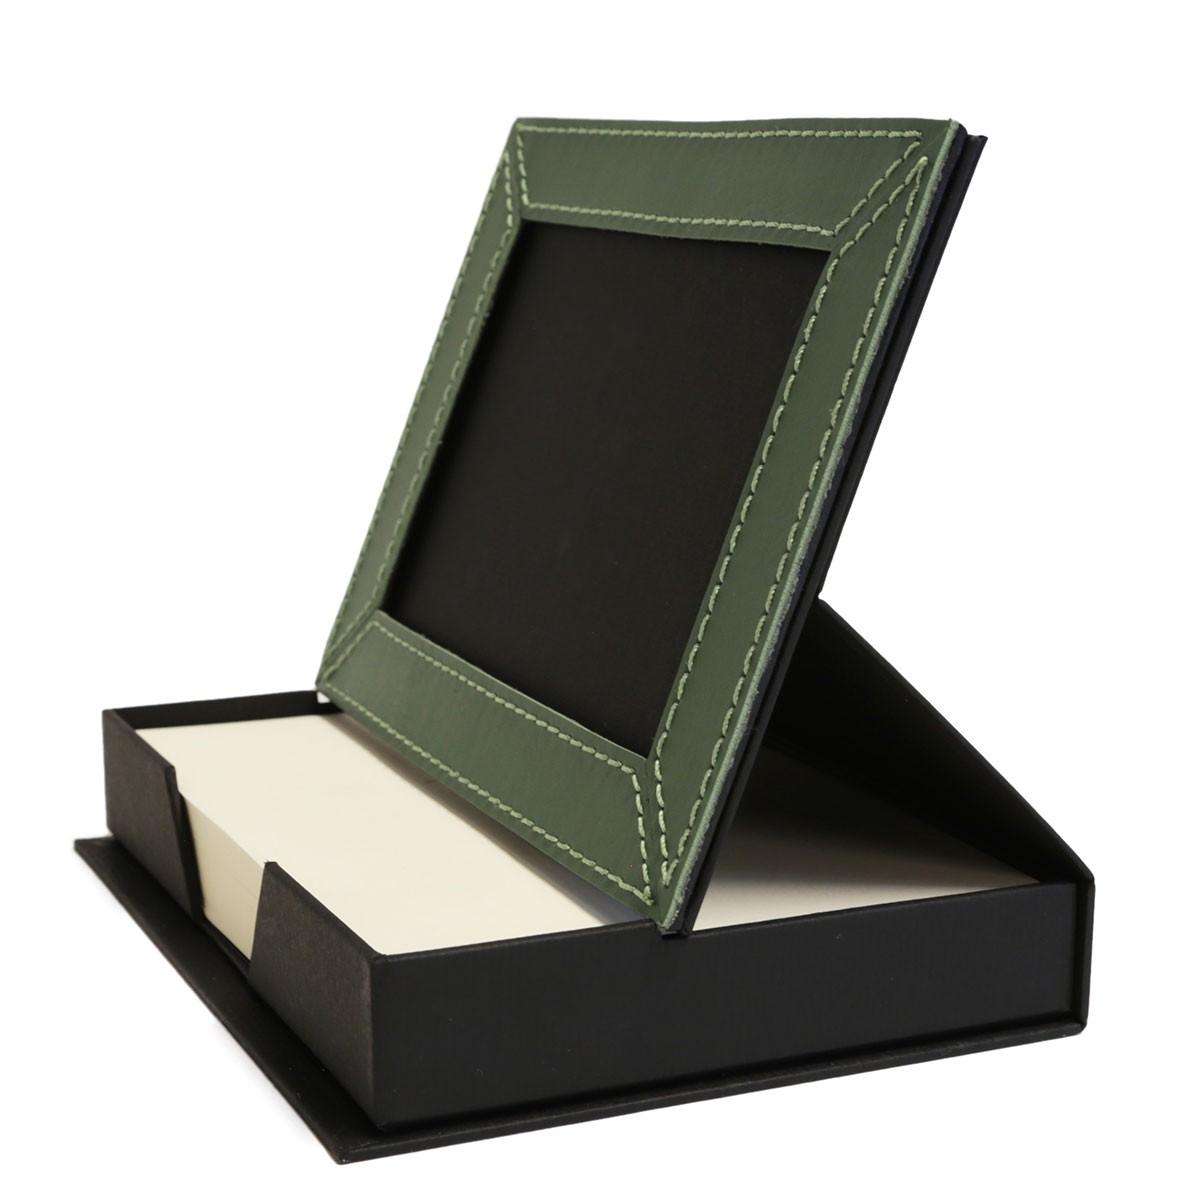 Caixa porta retrato (Montana Verde Musgo)